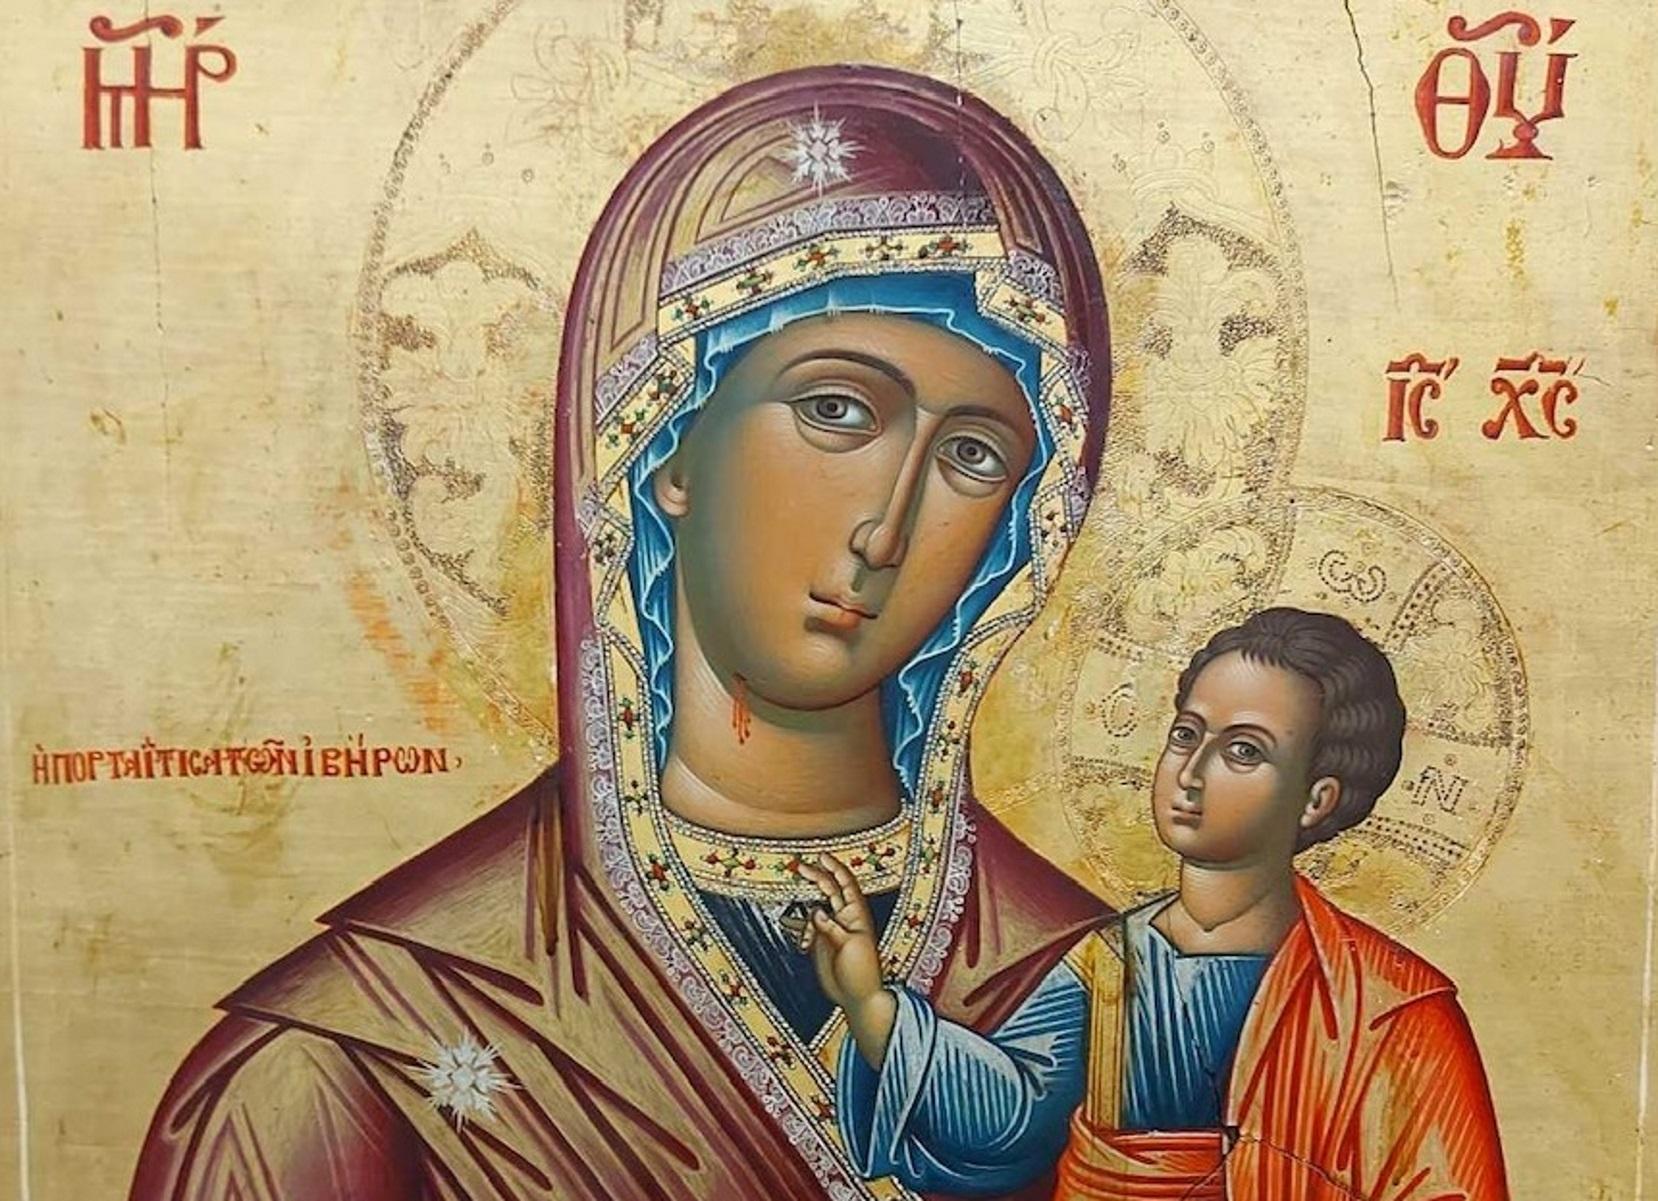 Επαναπατρίζονται σπάνιες κλεμμένες εικόνες του Χριστού Παντοκράτορα και της Παναγίας Πορταΐτισσας